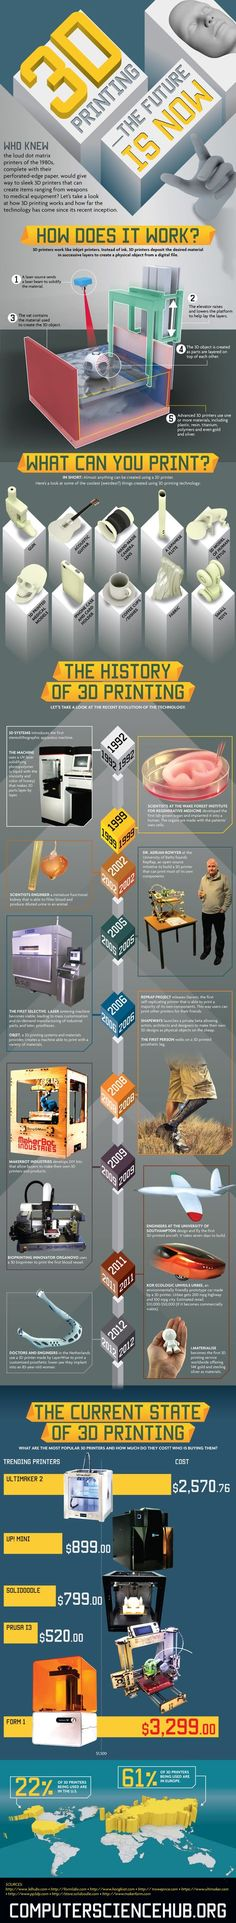 3D-Druck beschäftigt mich gerade beruflich sehr. Diese Infografik ermöglicht einen guten Einstieg ins Thema.